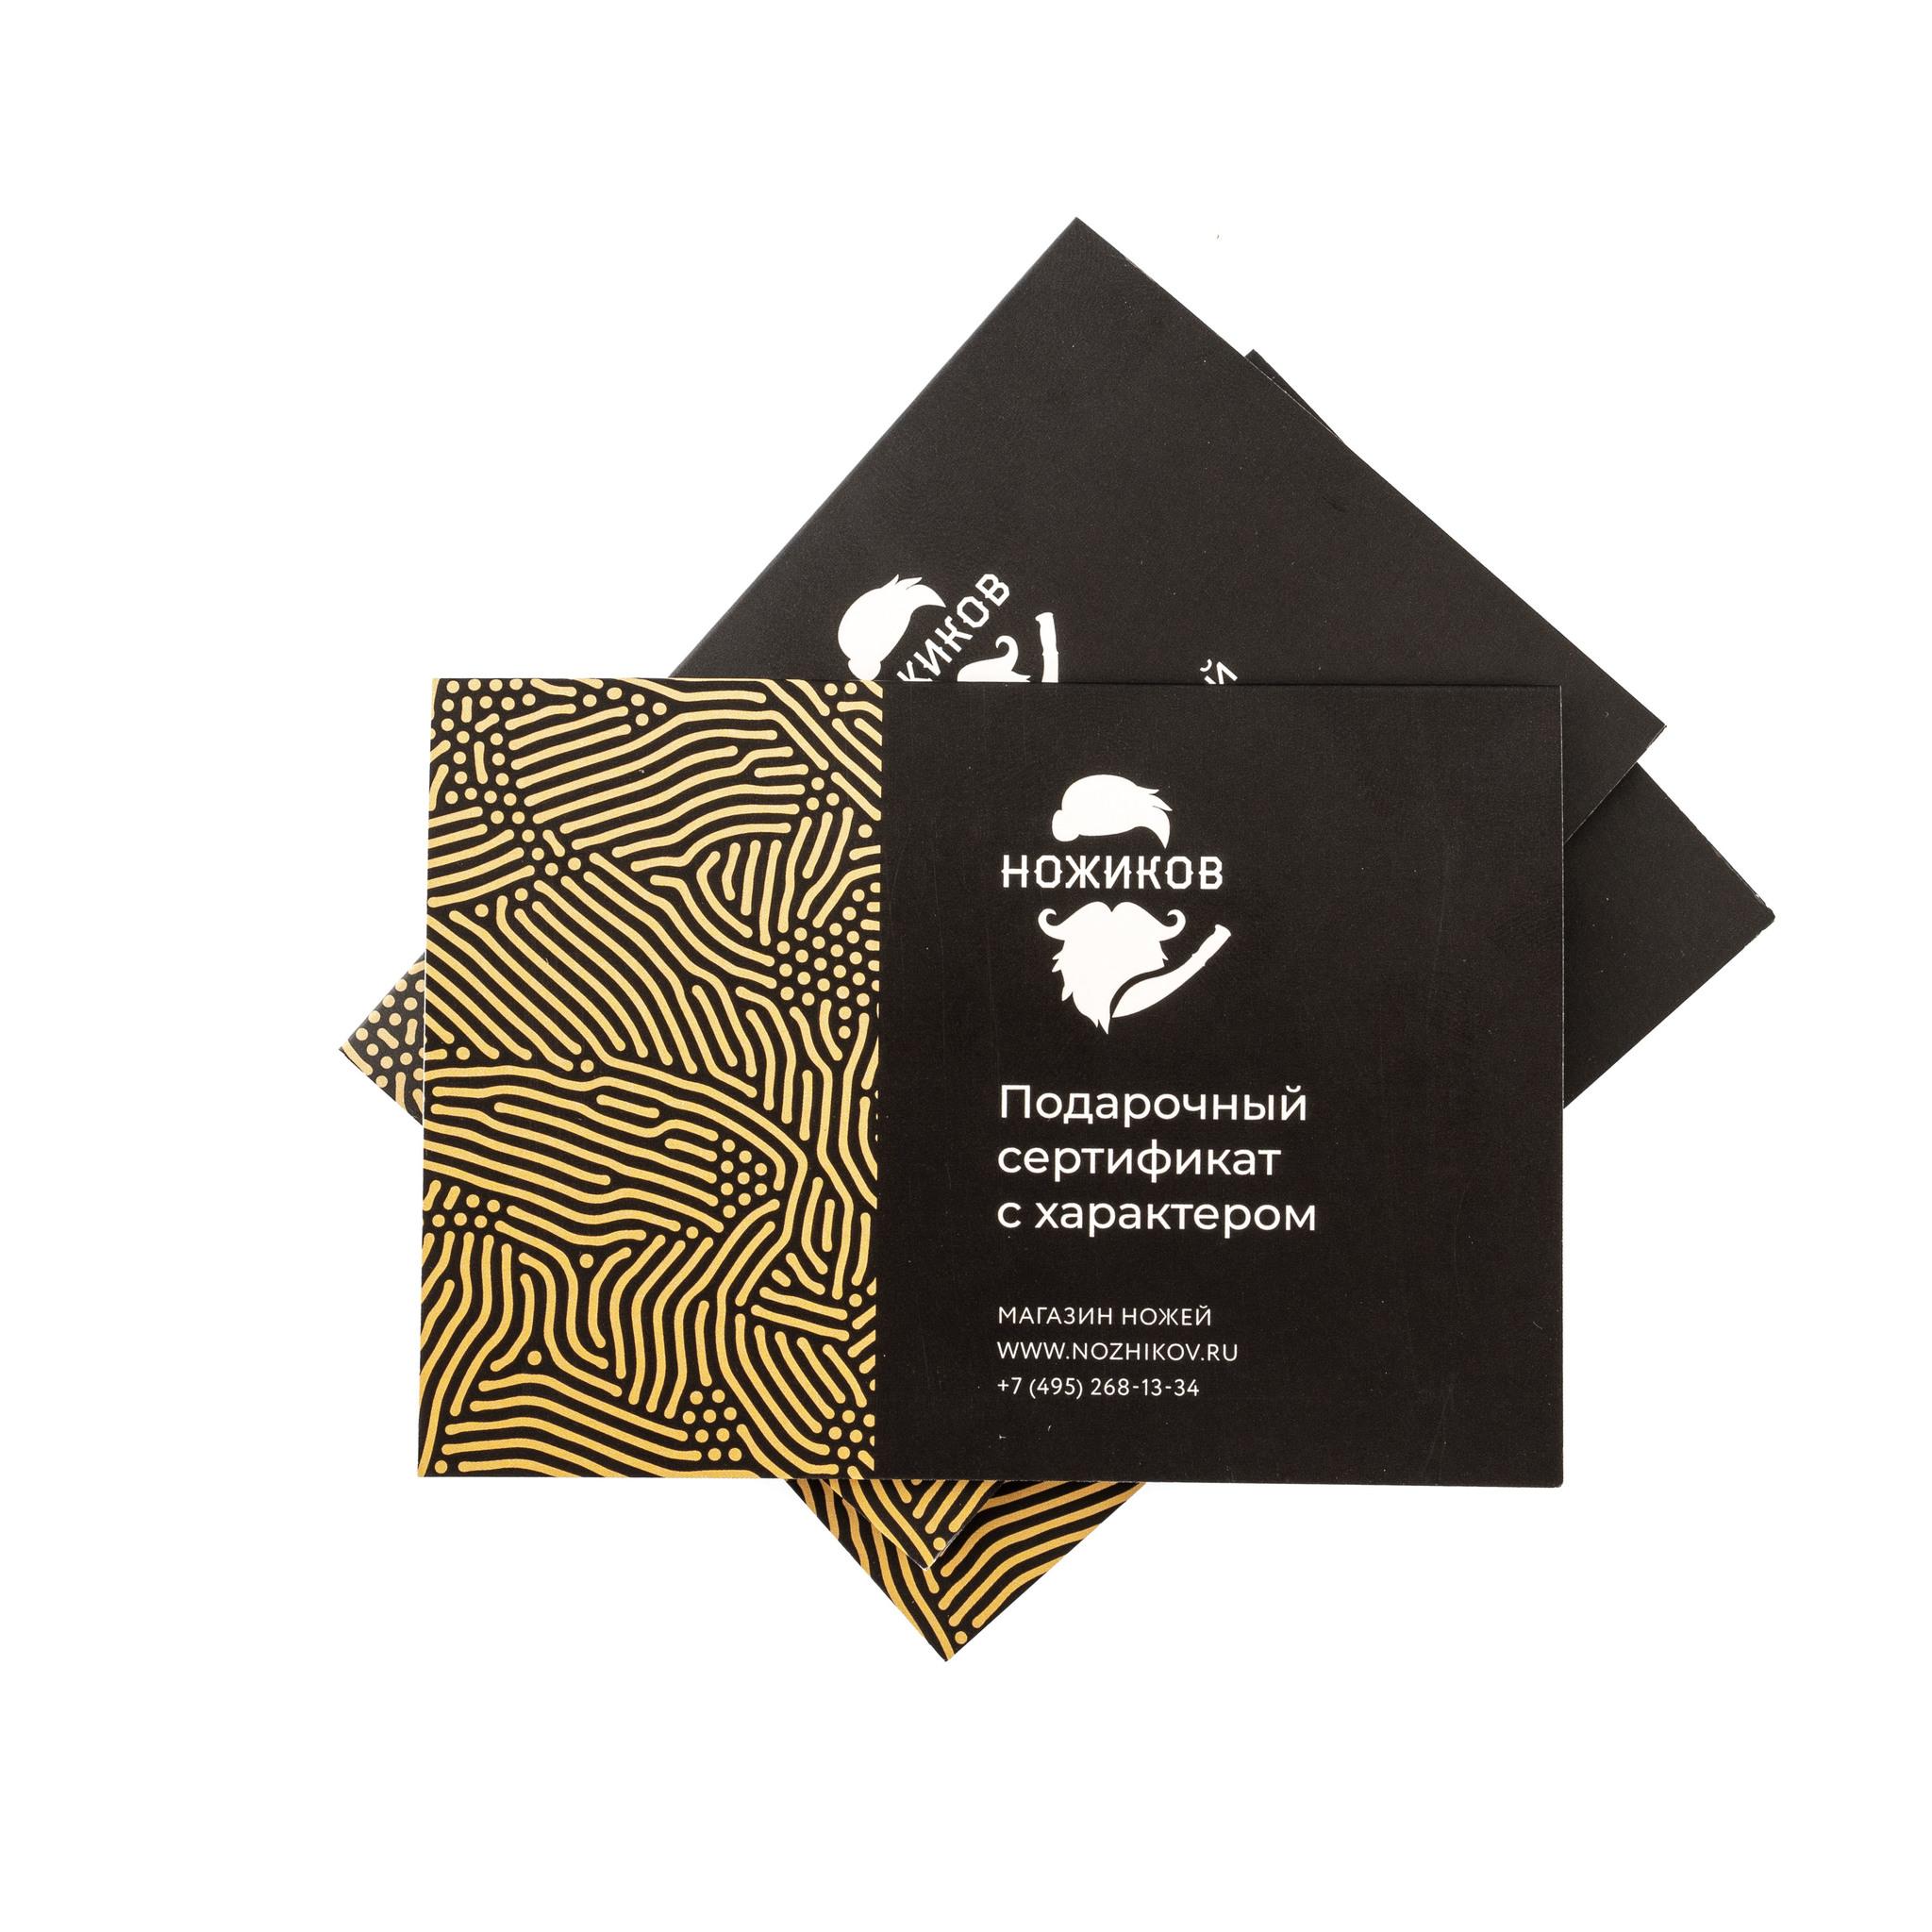 Подарочный сертификат от Nozhikov